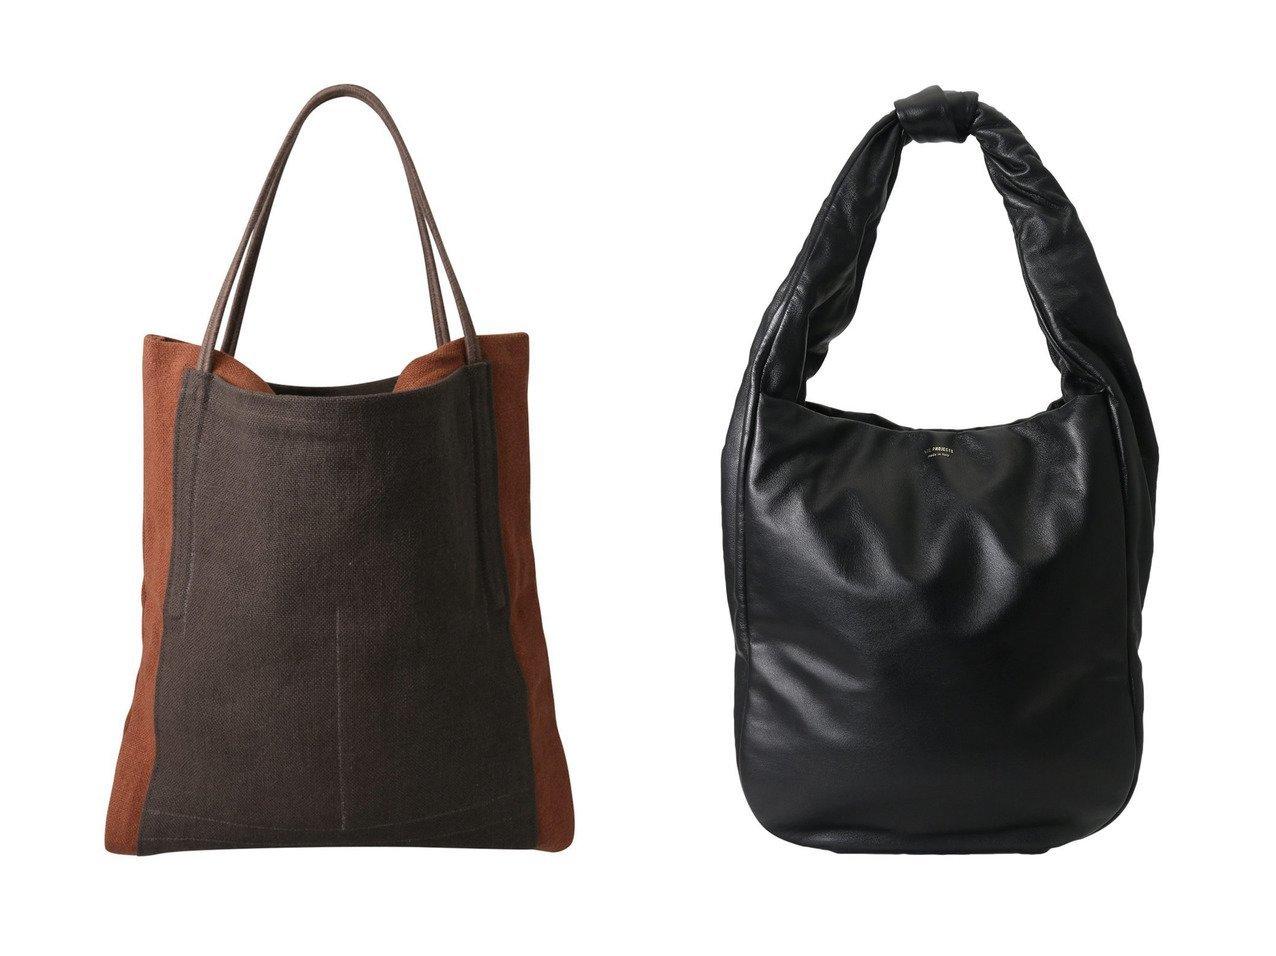 【STUNNING LURE/スタニングルアー】のバッグ REE PROJECTS&【PLAIN PEOPLE/プレインピープル】の【SENNES】リネントートバッグ 【バッグ・鞄】おすすめ!人気、トレンド・レディースファッションの通販 おすすめで人気の流行・トレンド、ファッションの通販商品 インテリア・家具・メンズファッション・キッズファッション・レディースファッション・服の通販 founy(ファニー) https://founy.com/ ファッション Fashion レディースファッション WOMEN バッグ Bag ショルダー シンプル ハンドバッグ ポケット リネン ロング 雑誌  ID:crp329100000070719